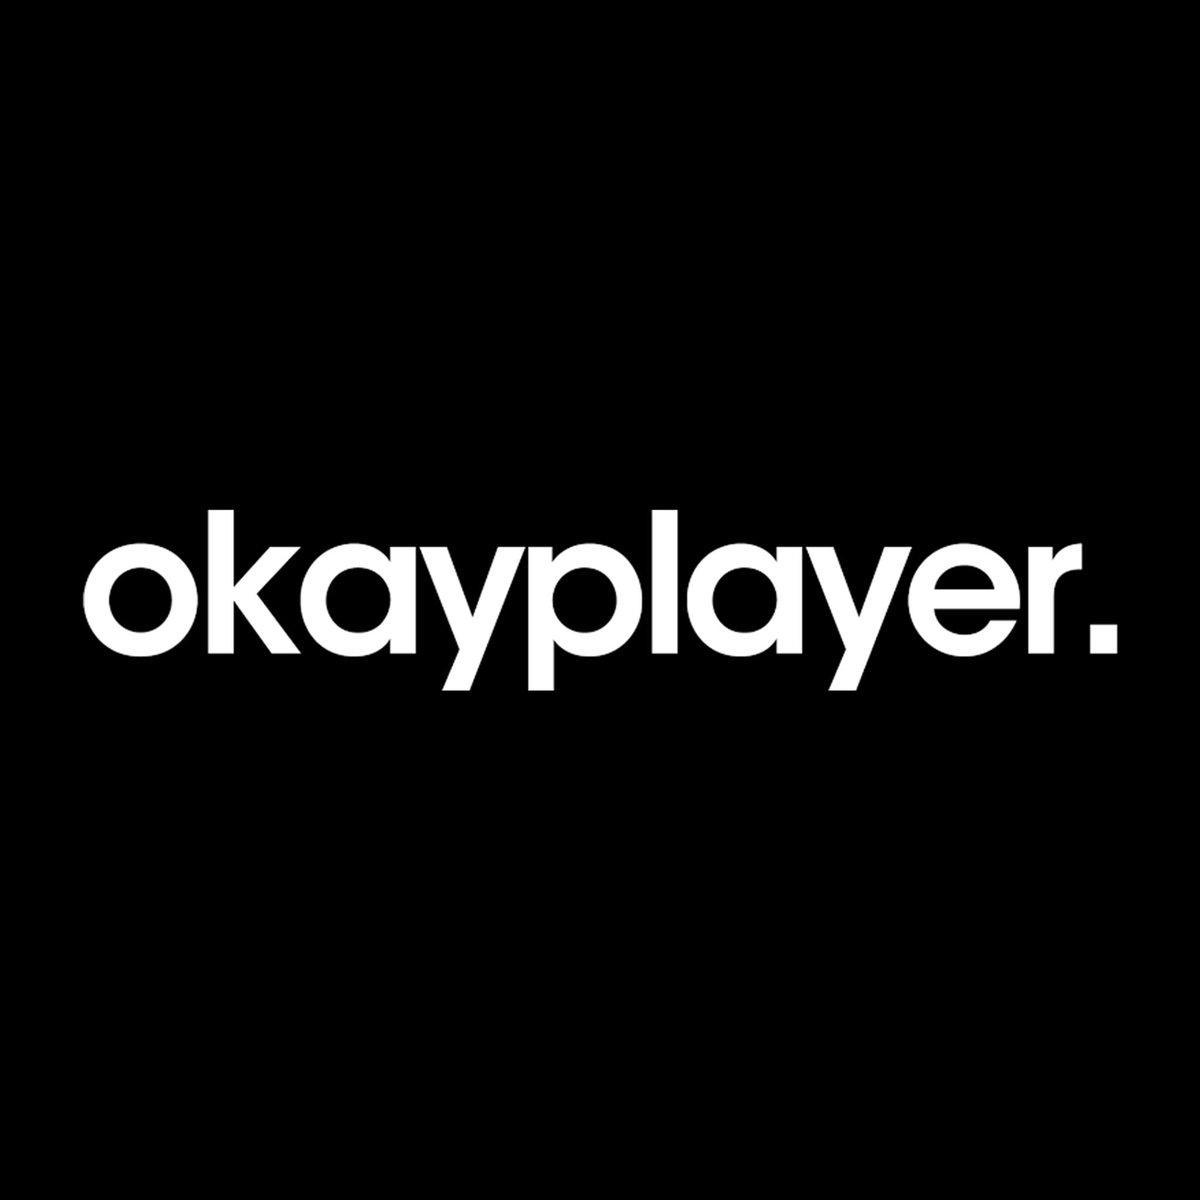 okayplayer2.jpg